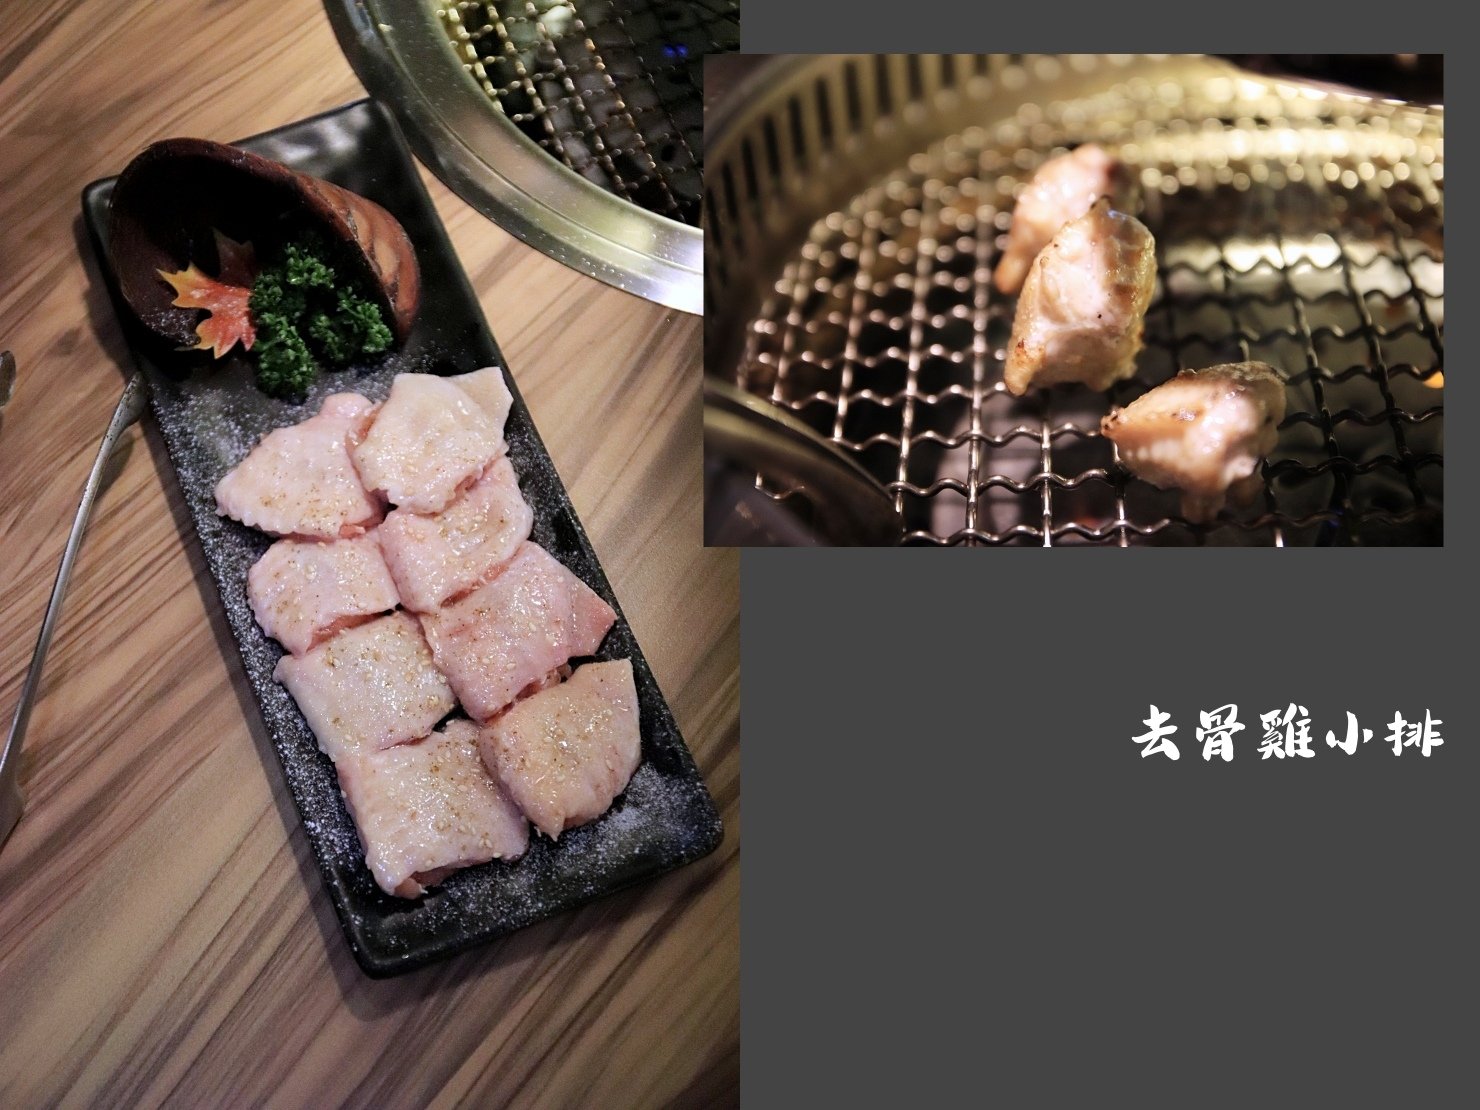 大股熟成燒肉專門